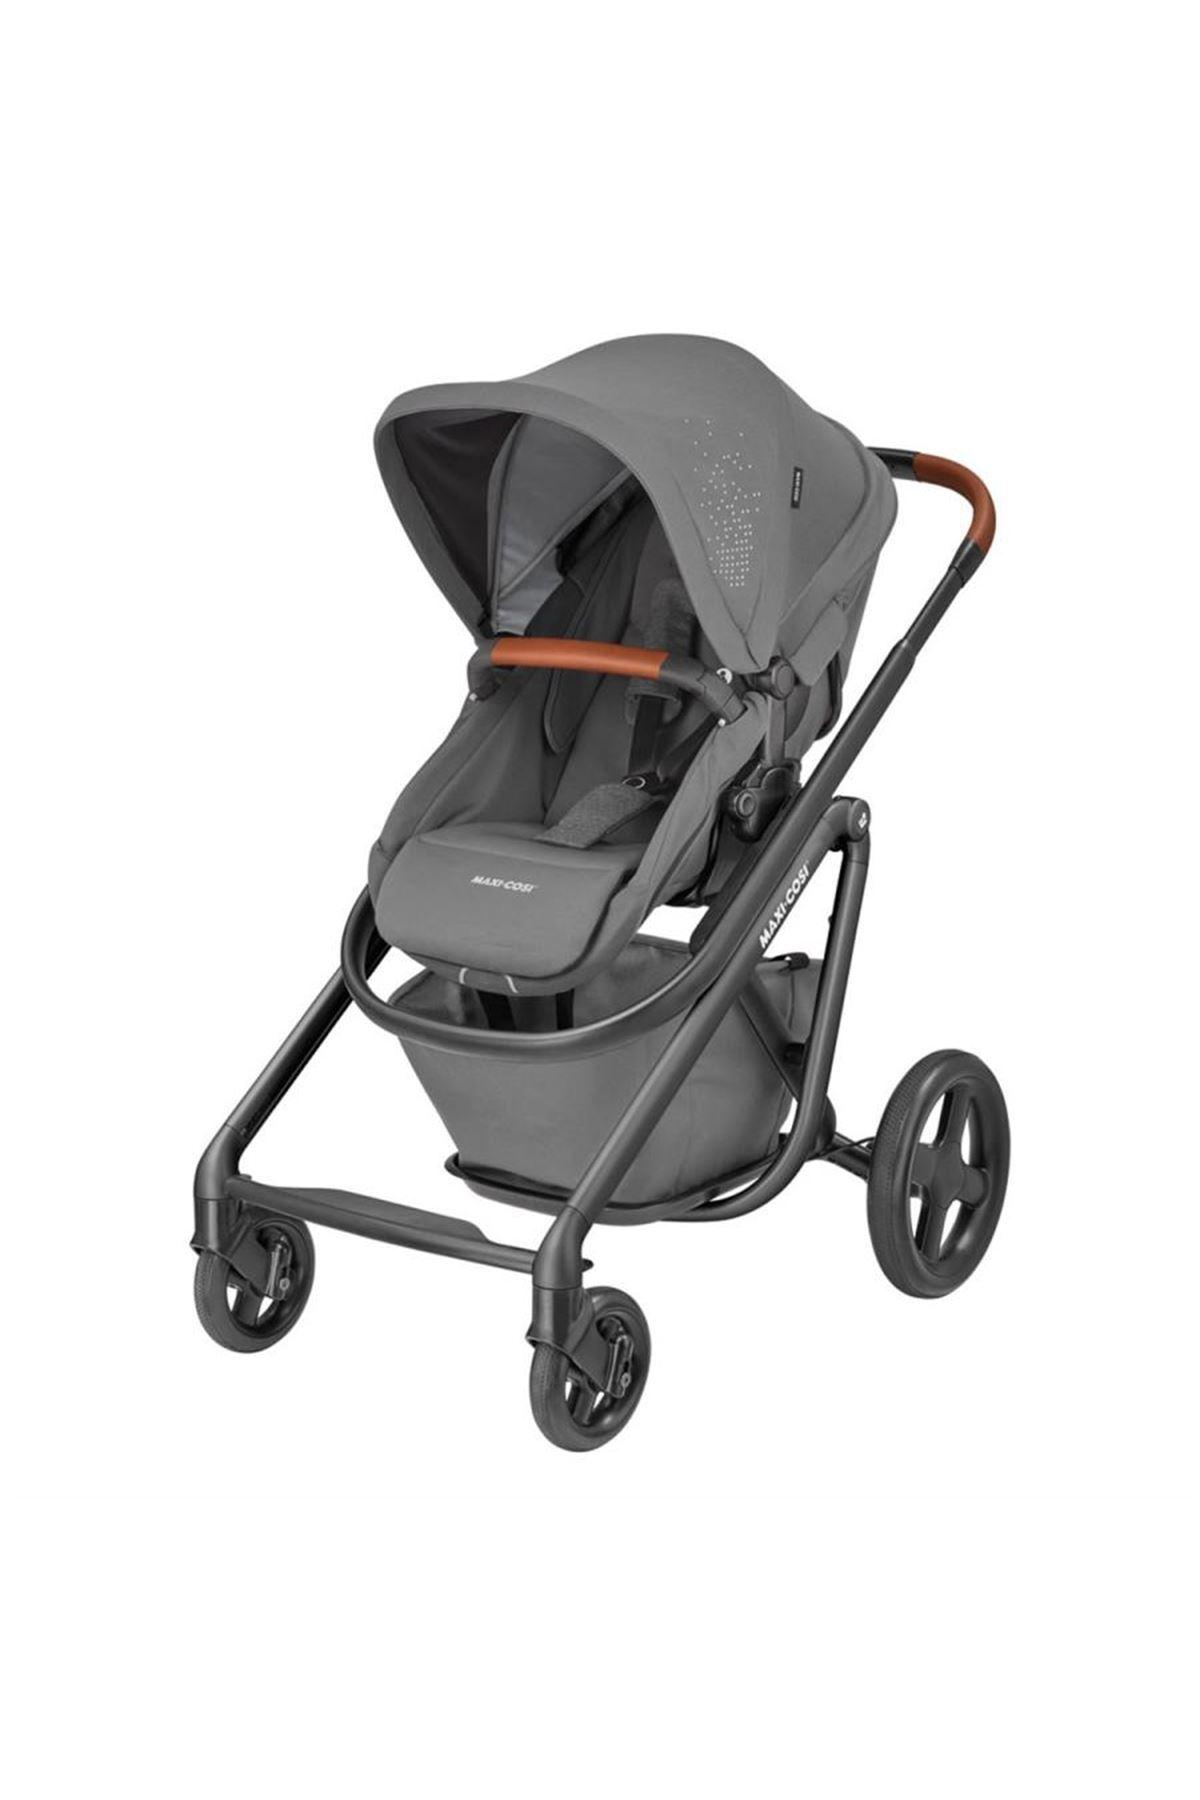 Maxi-Cosi Lila Bebek Arabası / Sparkling Grey